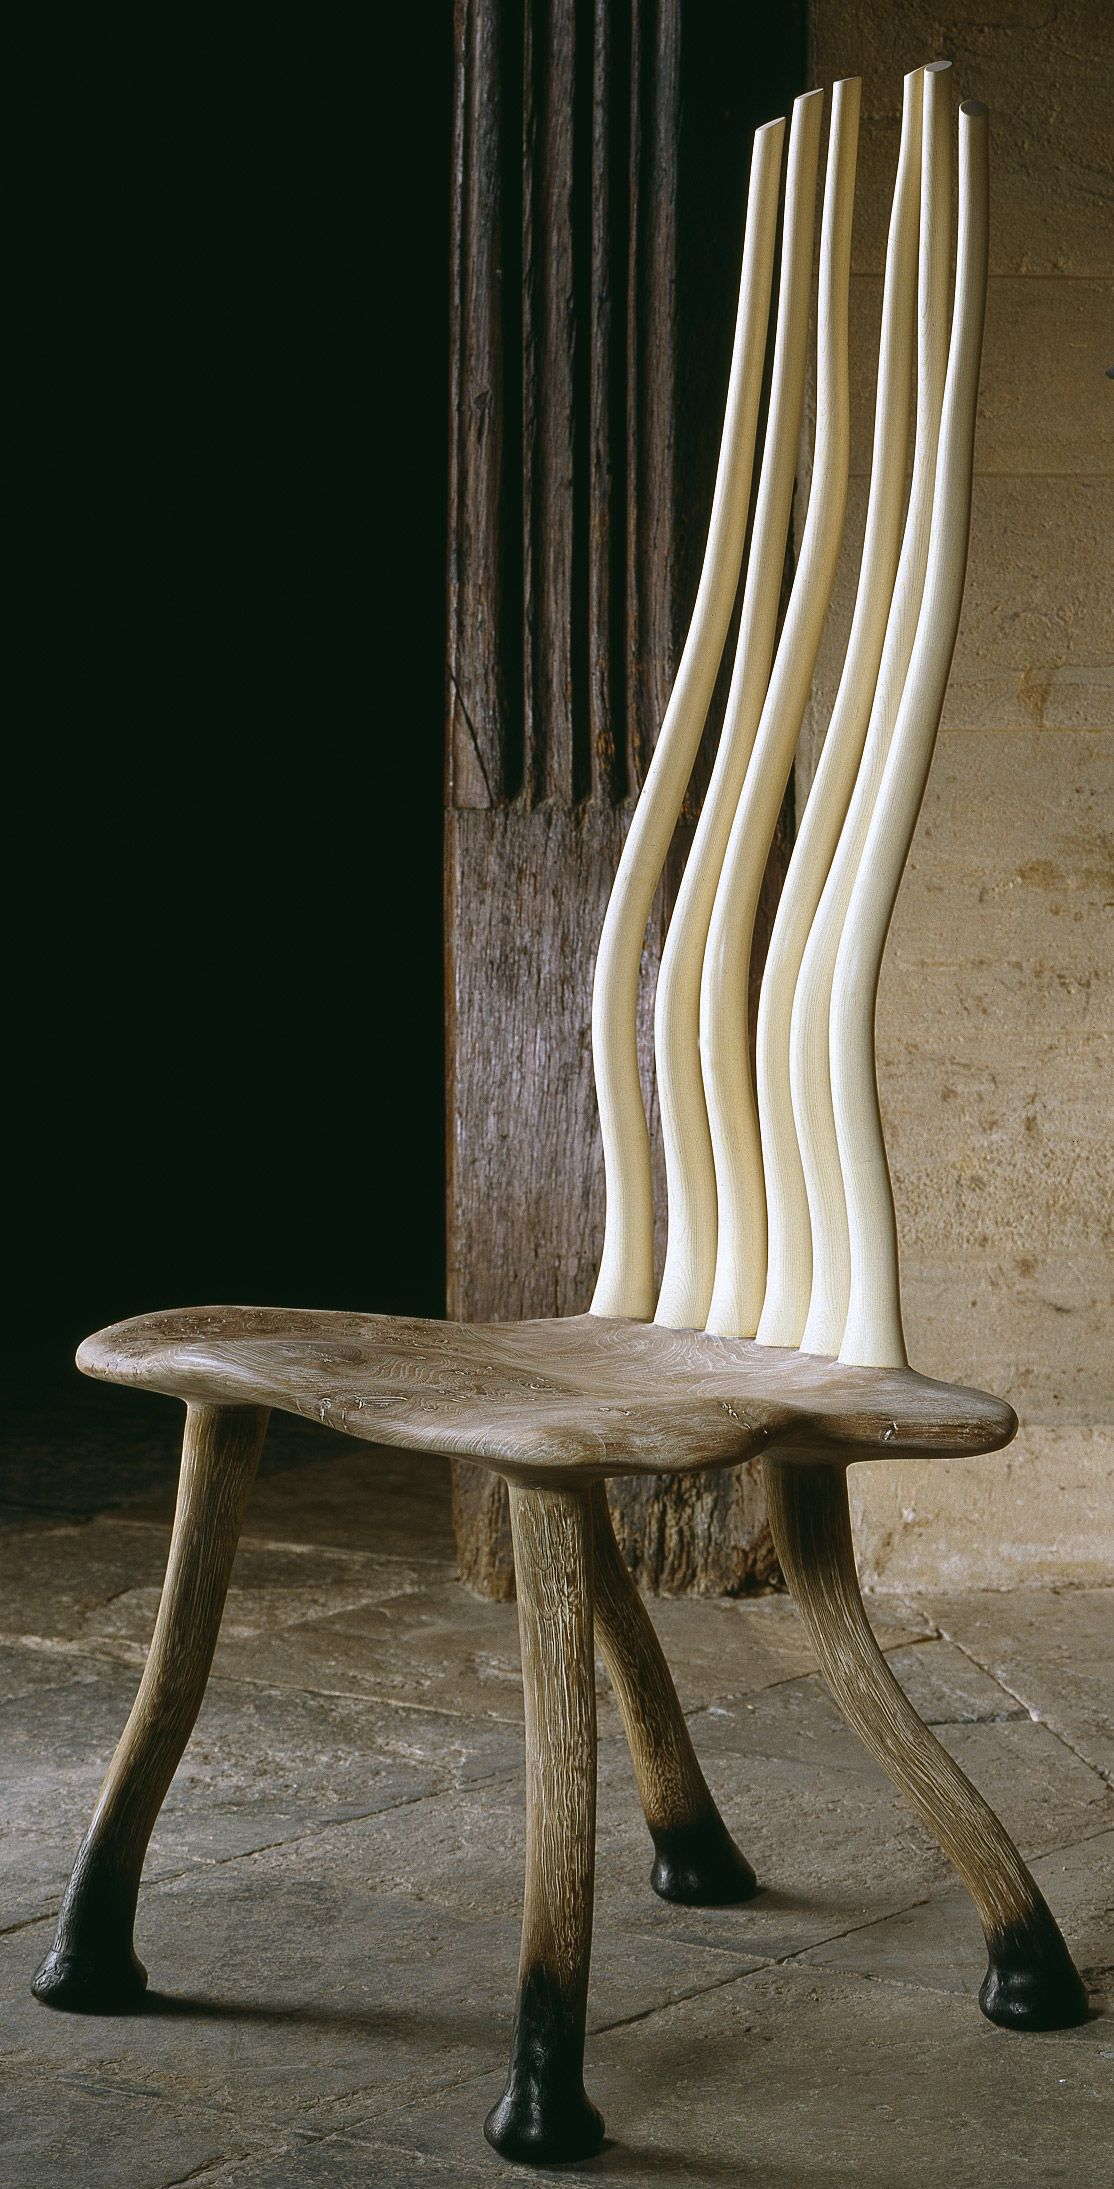 John Makepeace Furniture Designer and Maker  Phoenix  Chair. John Makepeace   furniture designer and maker   Woodworking ideas